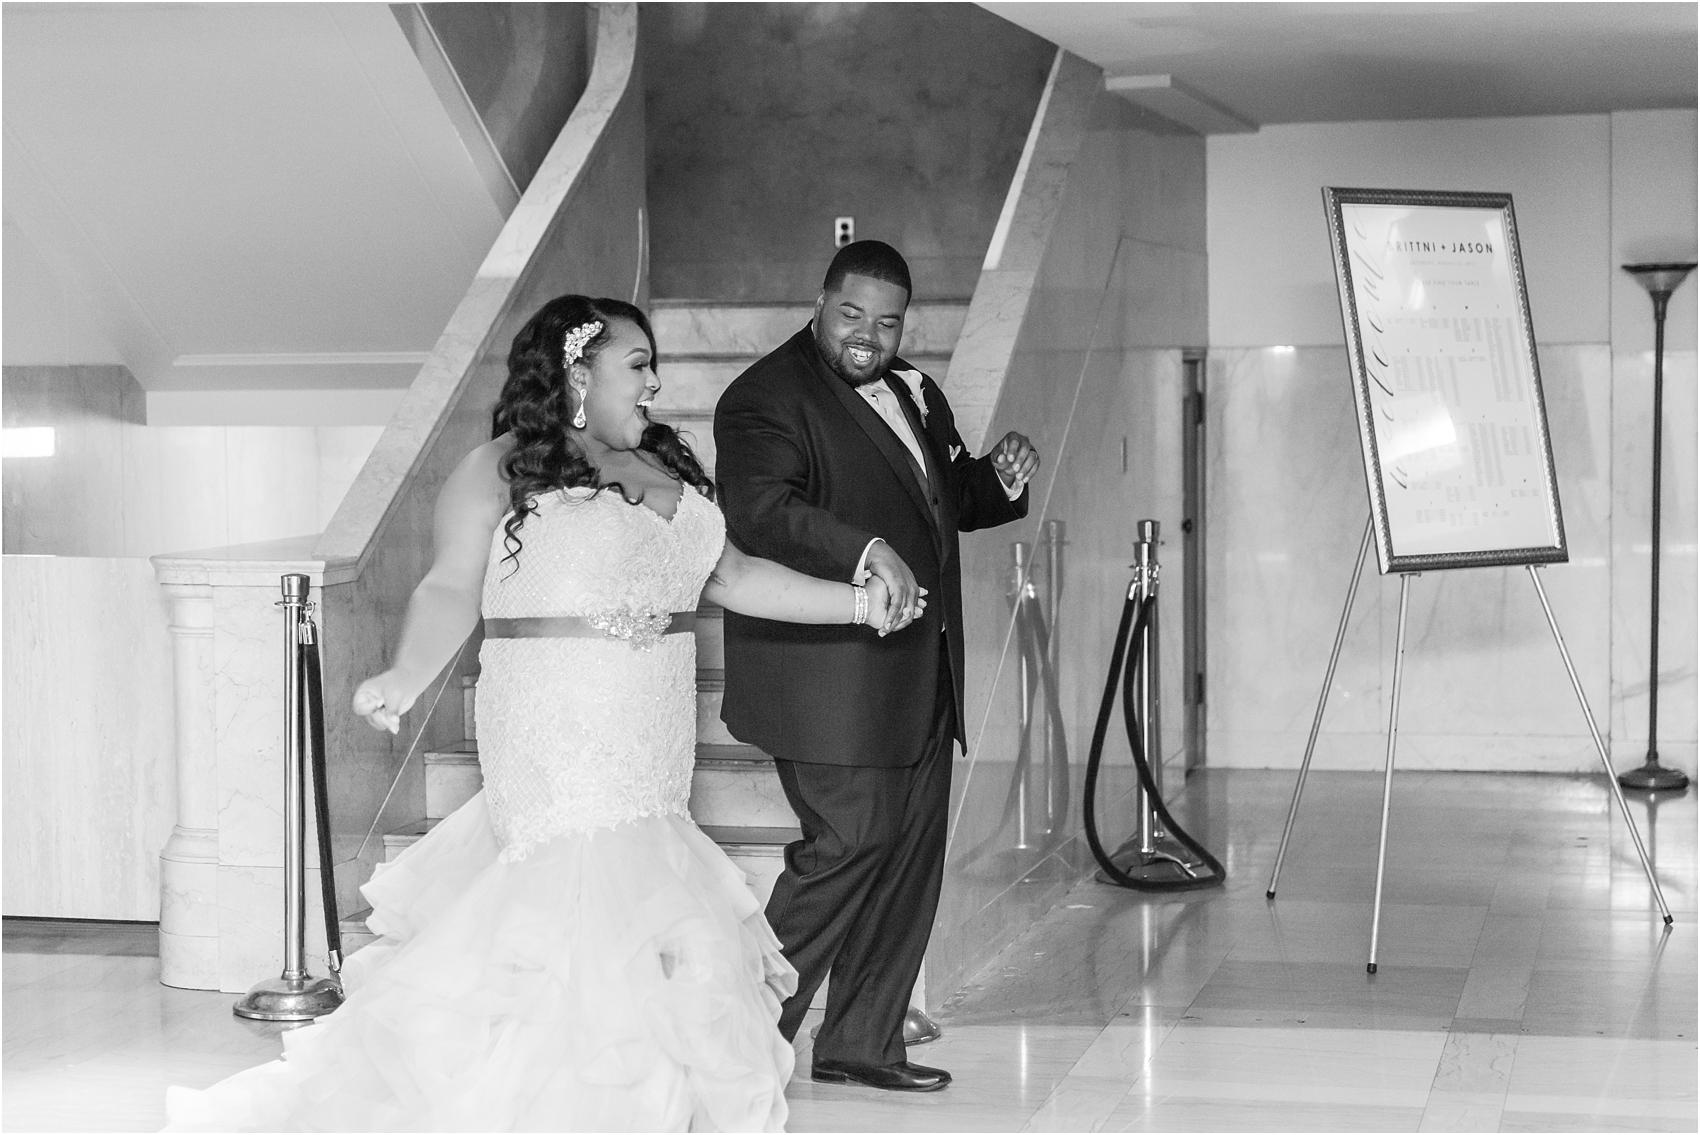 minimalist-and-modern-wedding-photos-at-30-north-saginaw-in-pontiac-michigan-by-courtney-carolyn-photography_0075.jpg